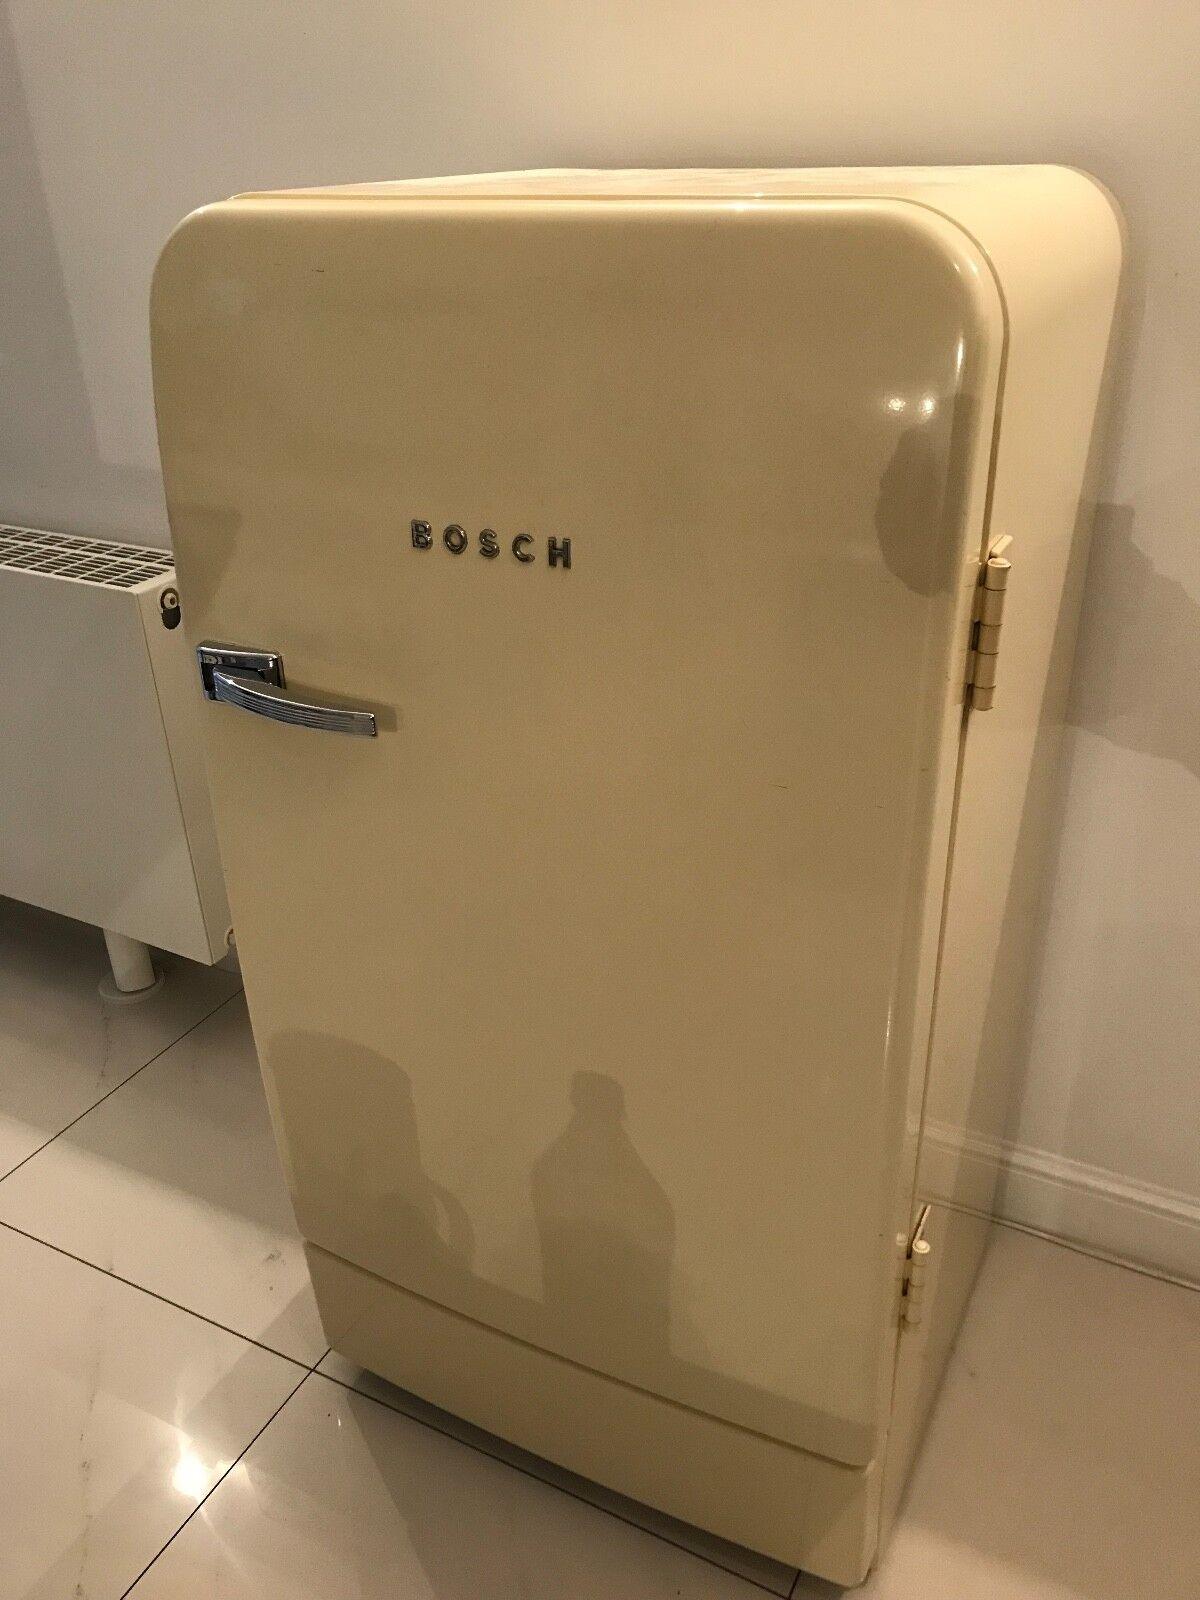 Retro Kühlschrank Classic Edition Farbe Vanille